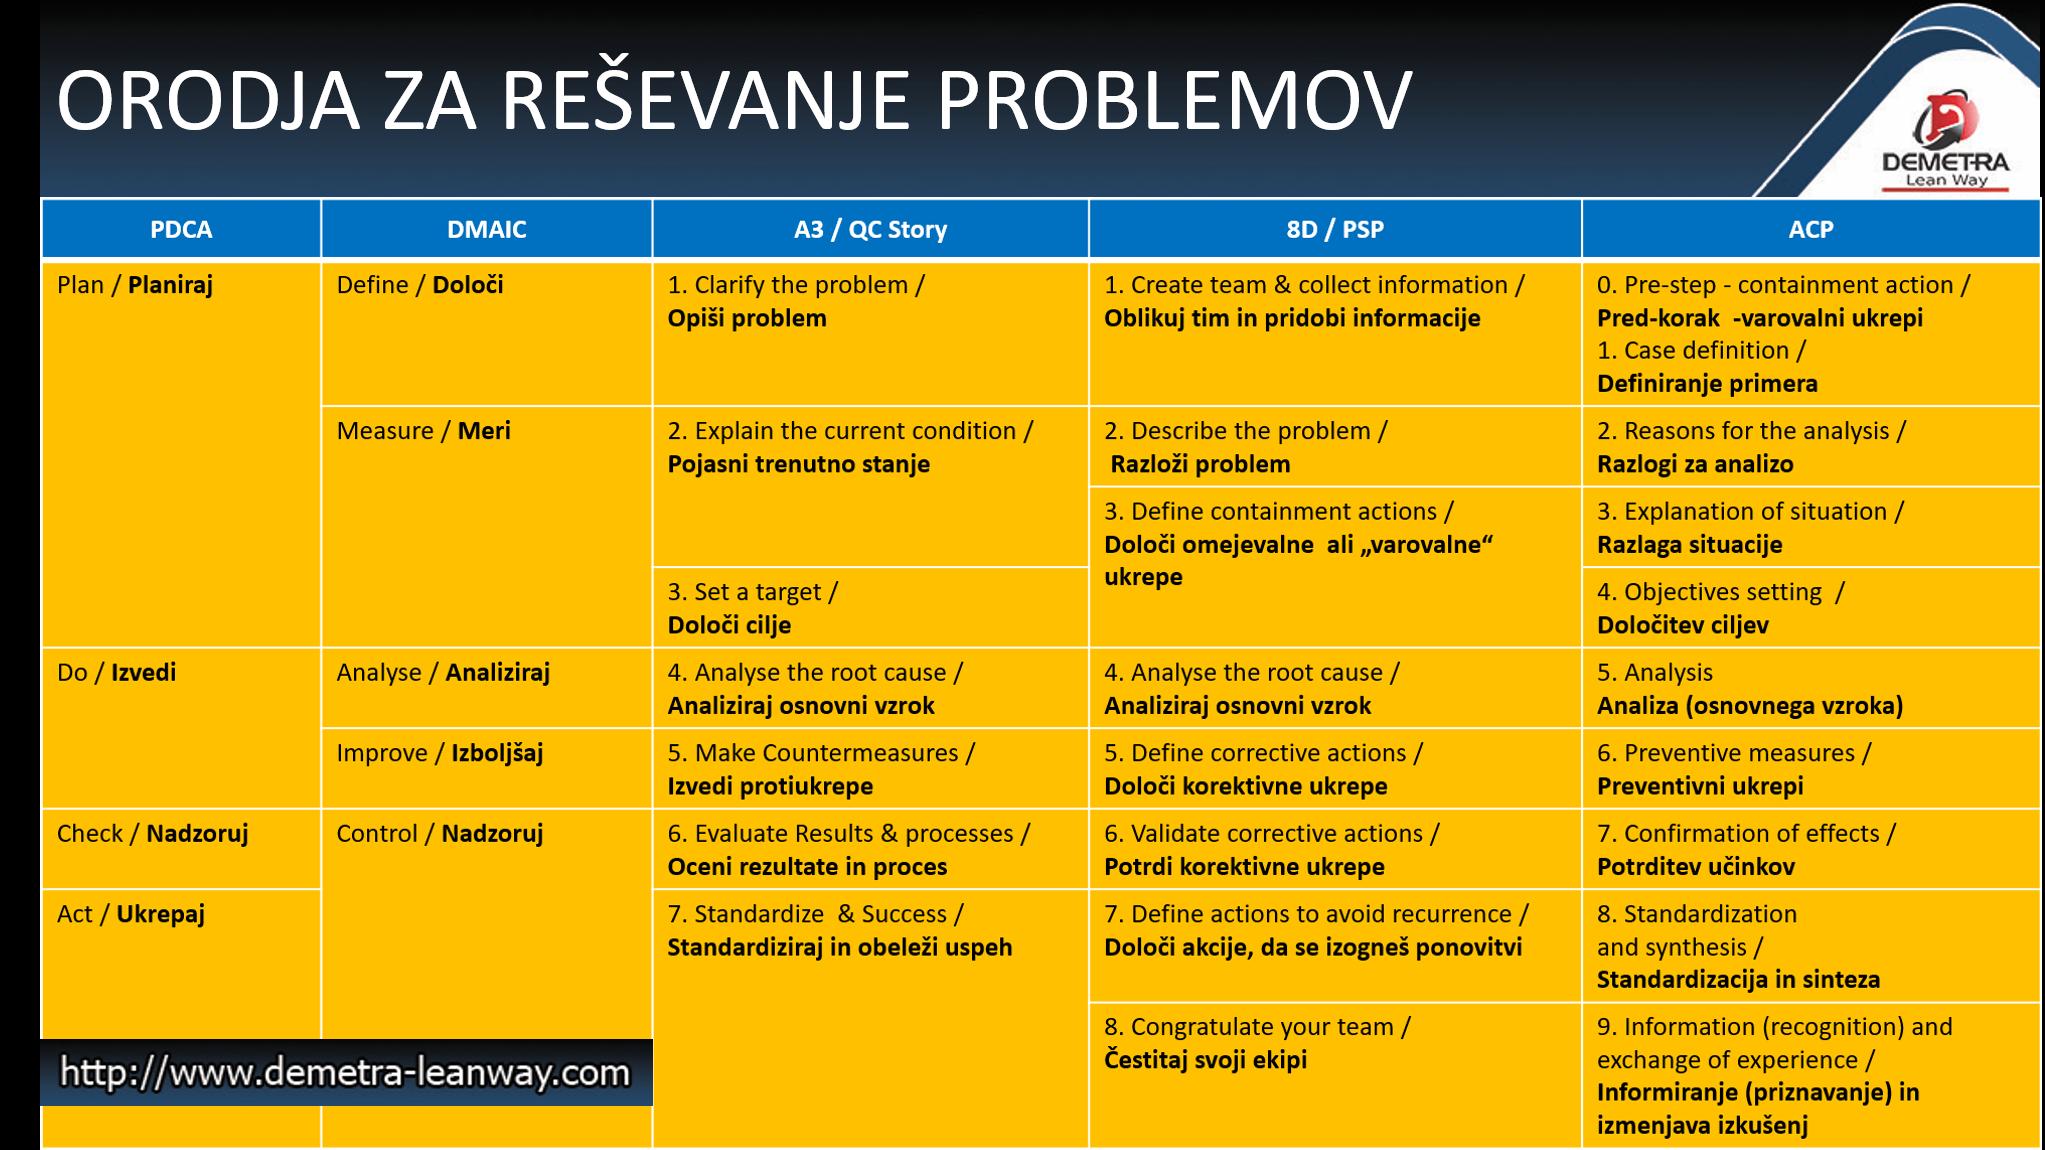 Slika 10: Večina orodij za reševanje problemov je v osnovi zelo podobnih